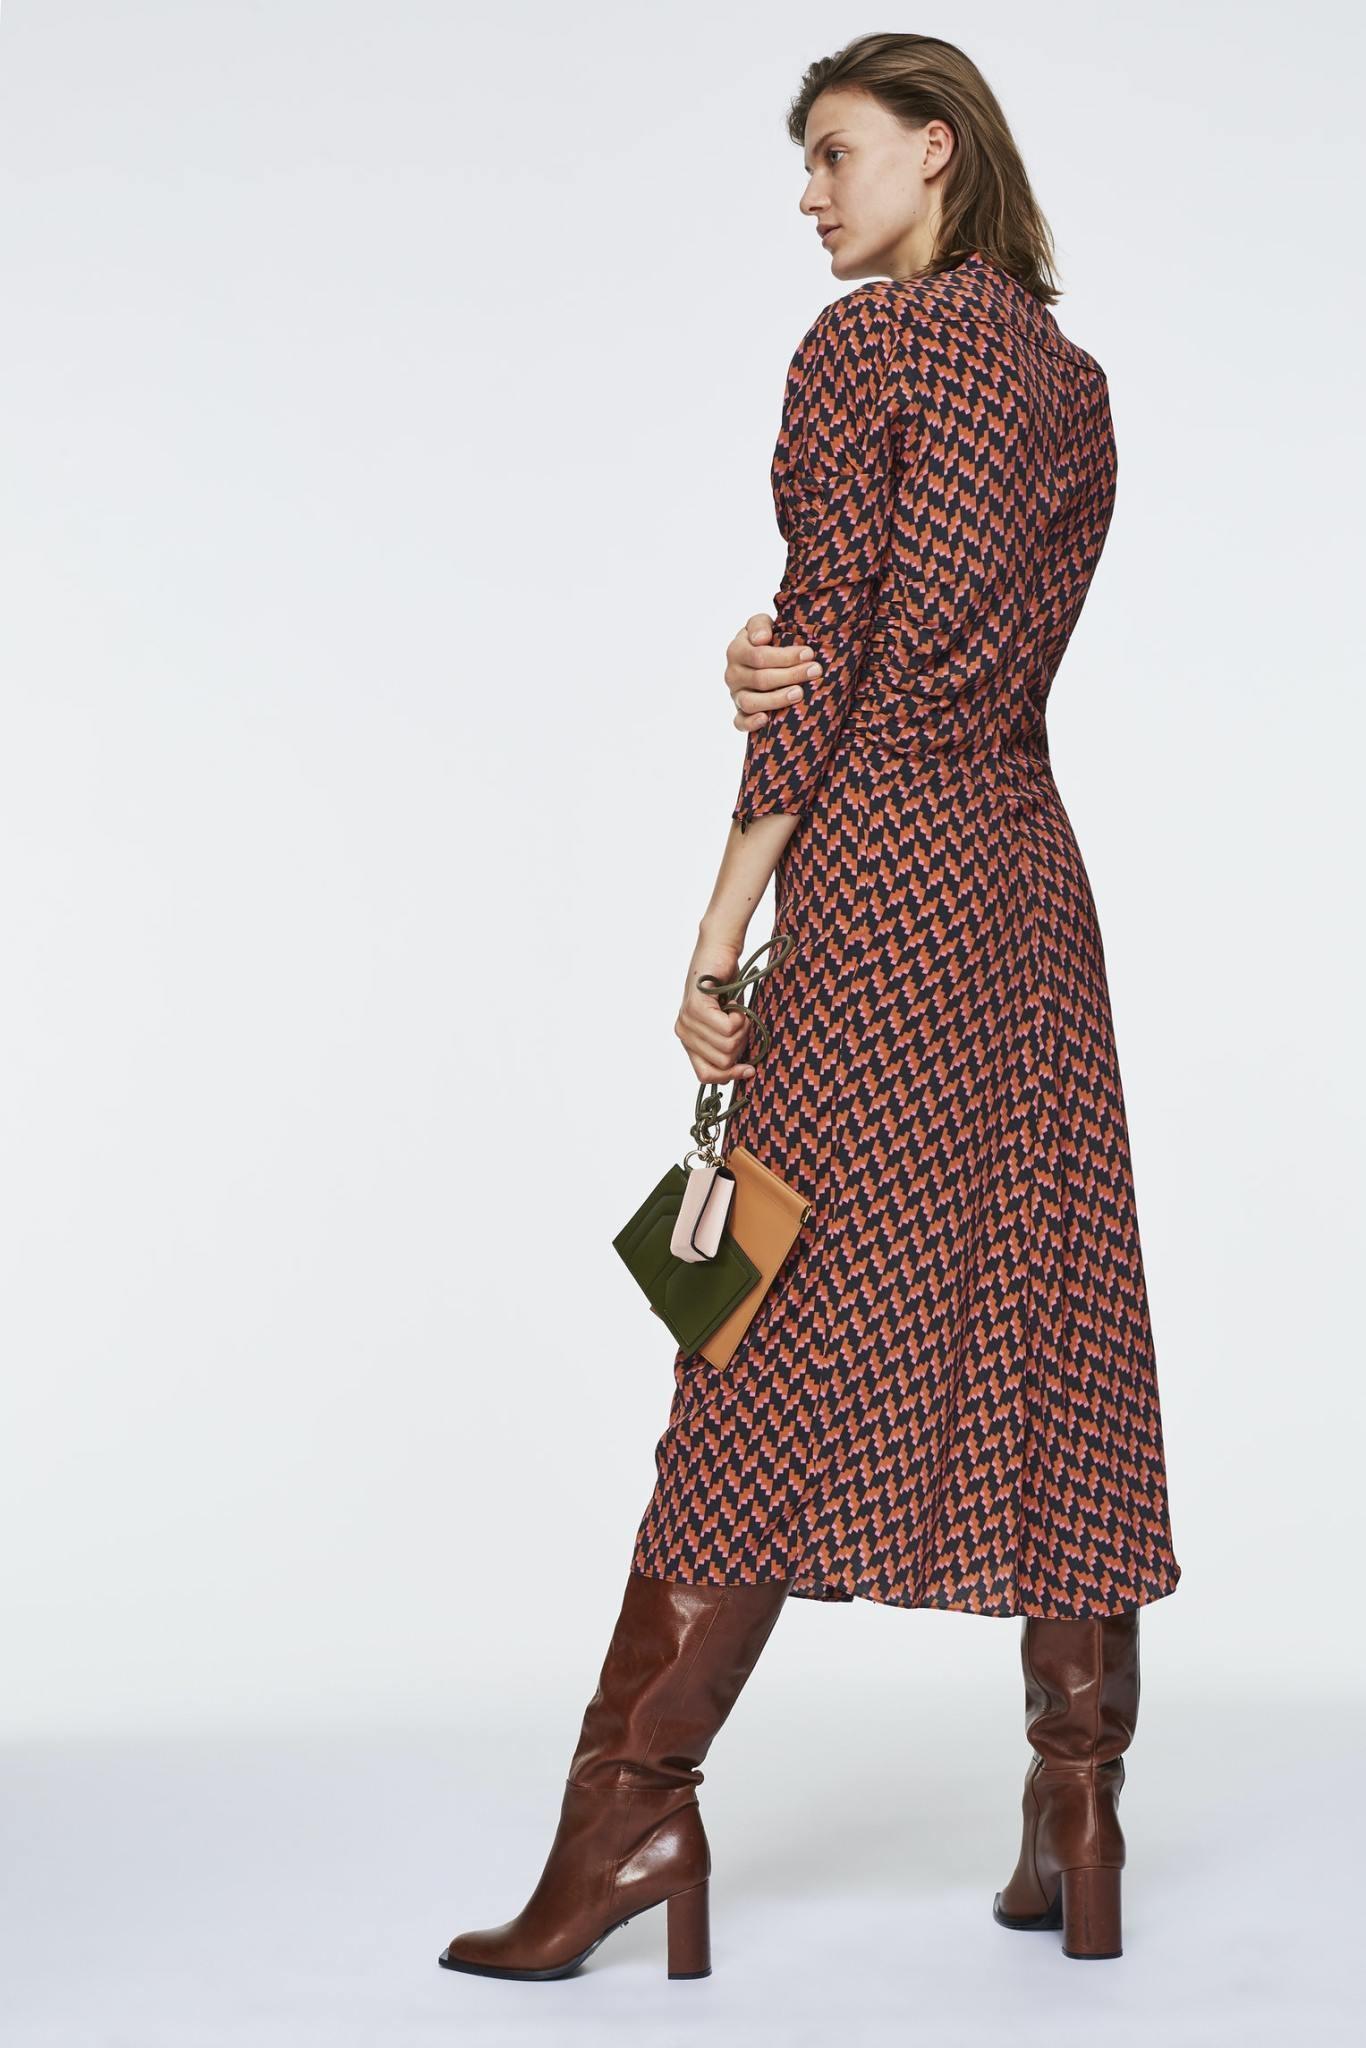 Graphic power dress Dorothee Schumacher-2